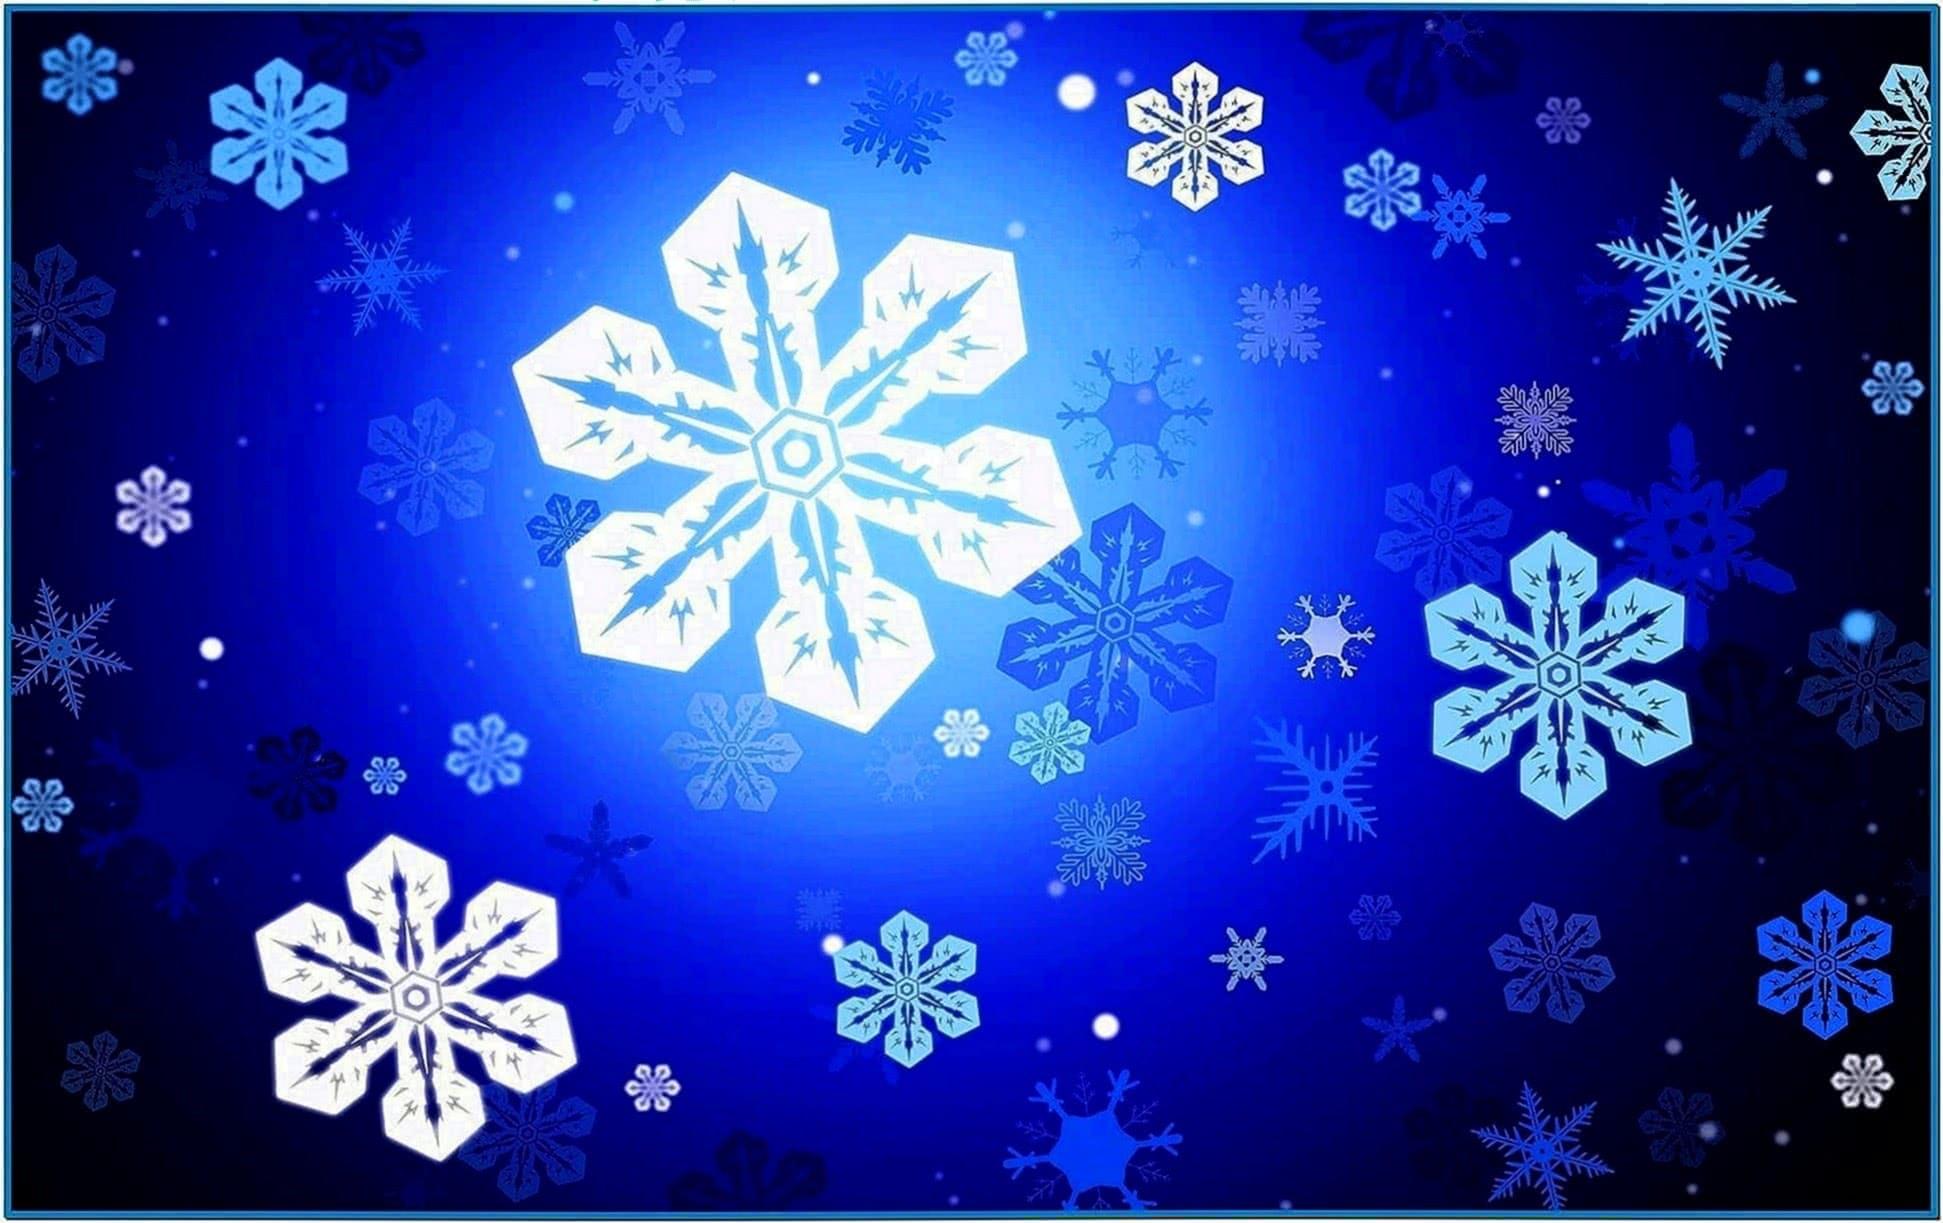 Animated Snow Screensavers